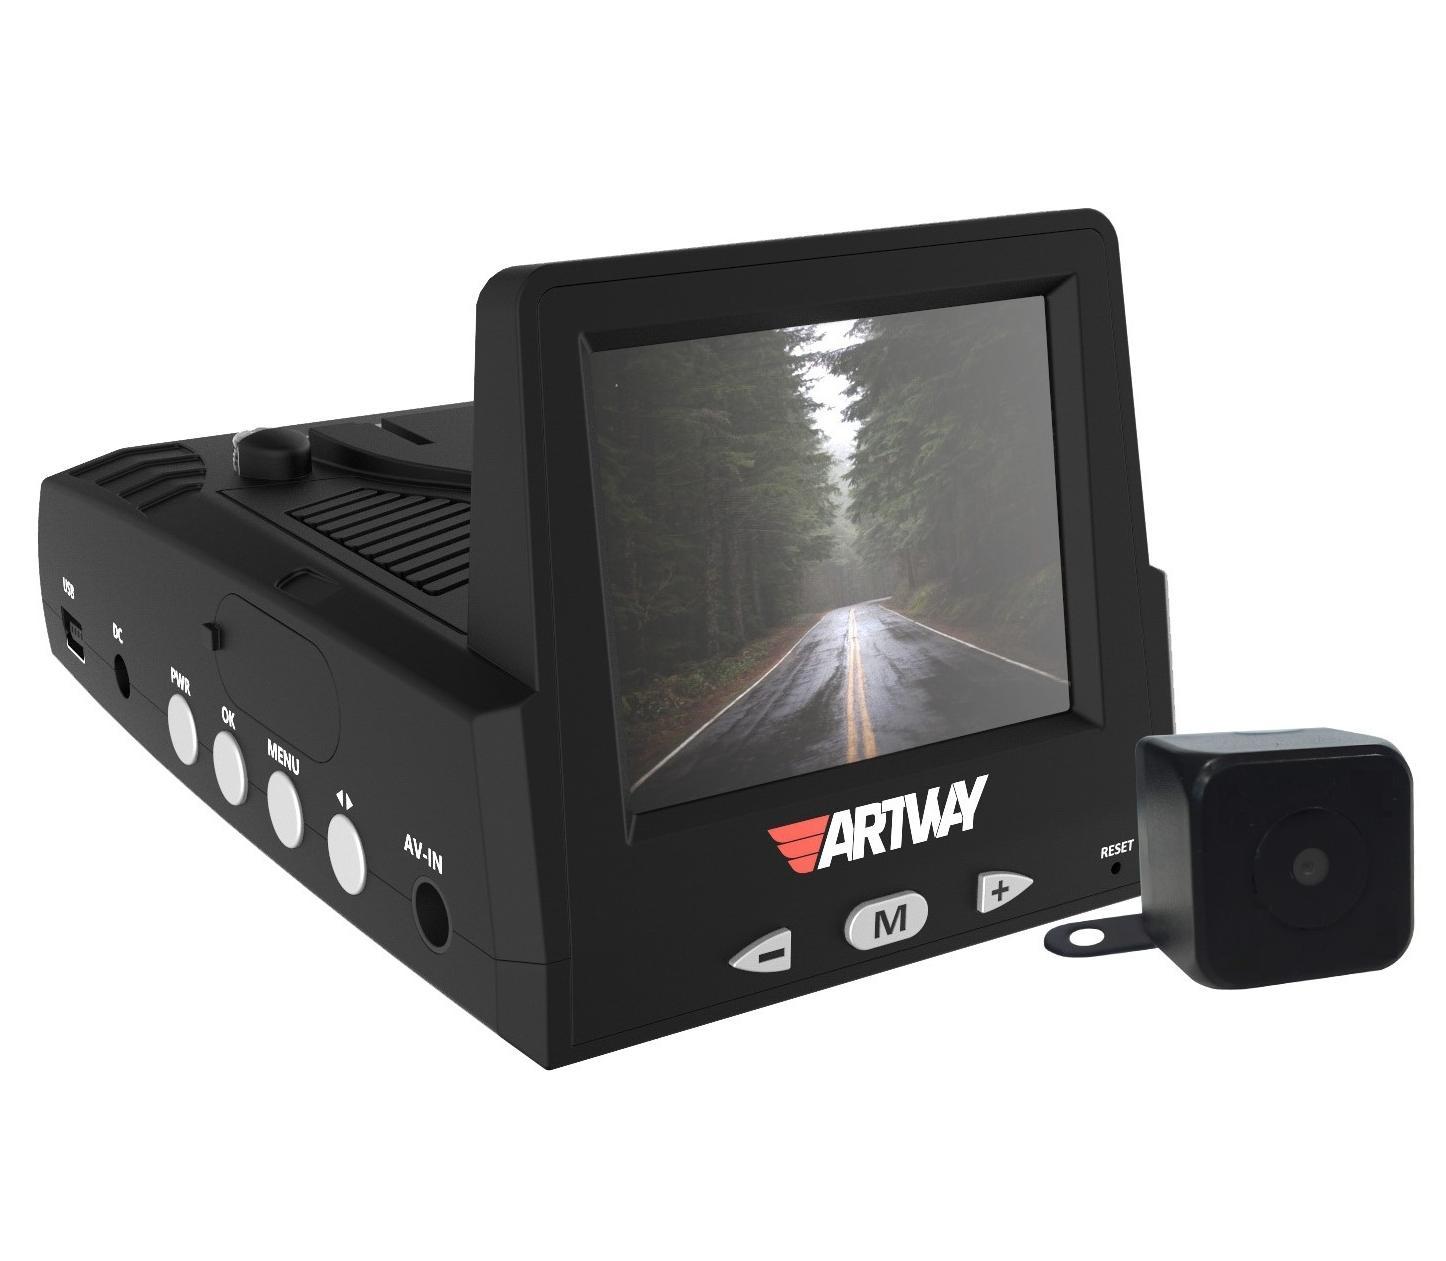 Гибридный видеорегистратор Artway MD-103 (+ Разветвитель в подарок!) видеорегистратор гибридный